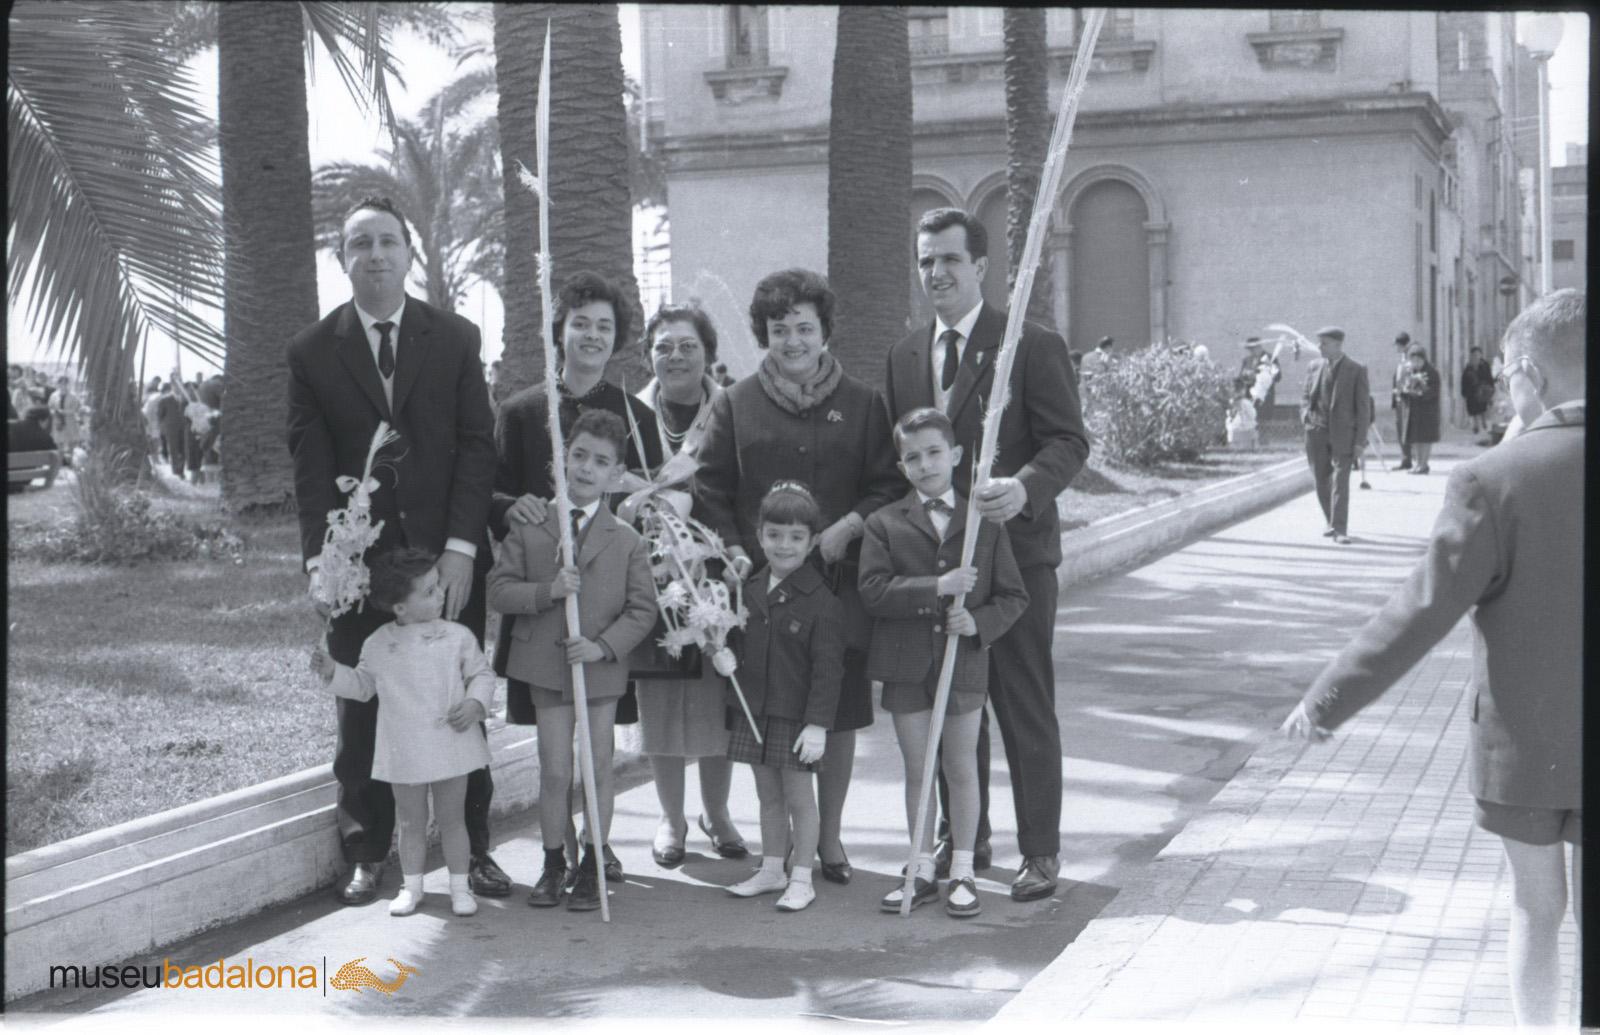 El fons fotogràfic de Josep Cortinas. La diada de Rams